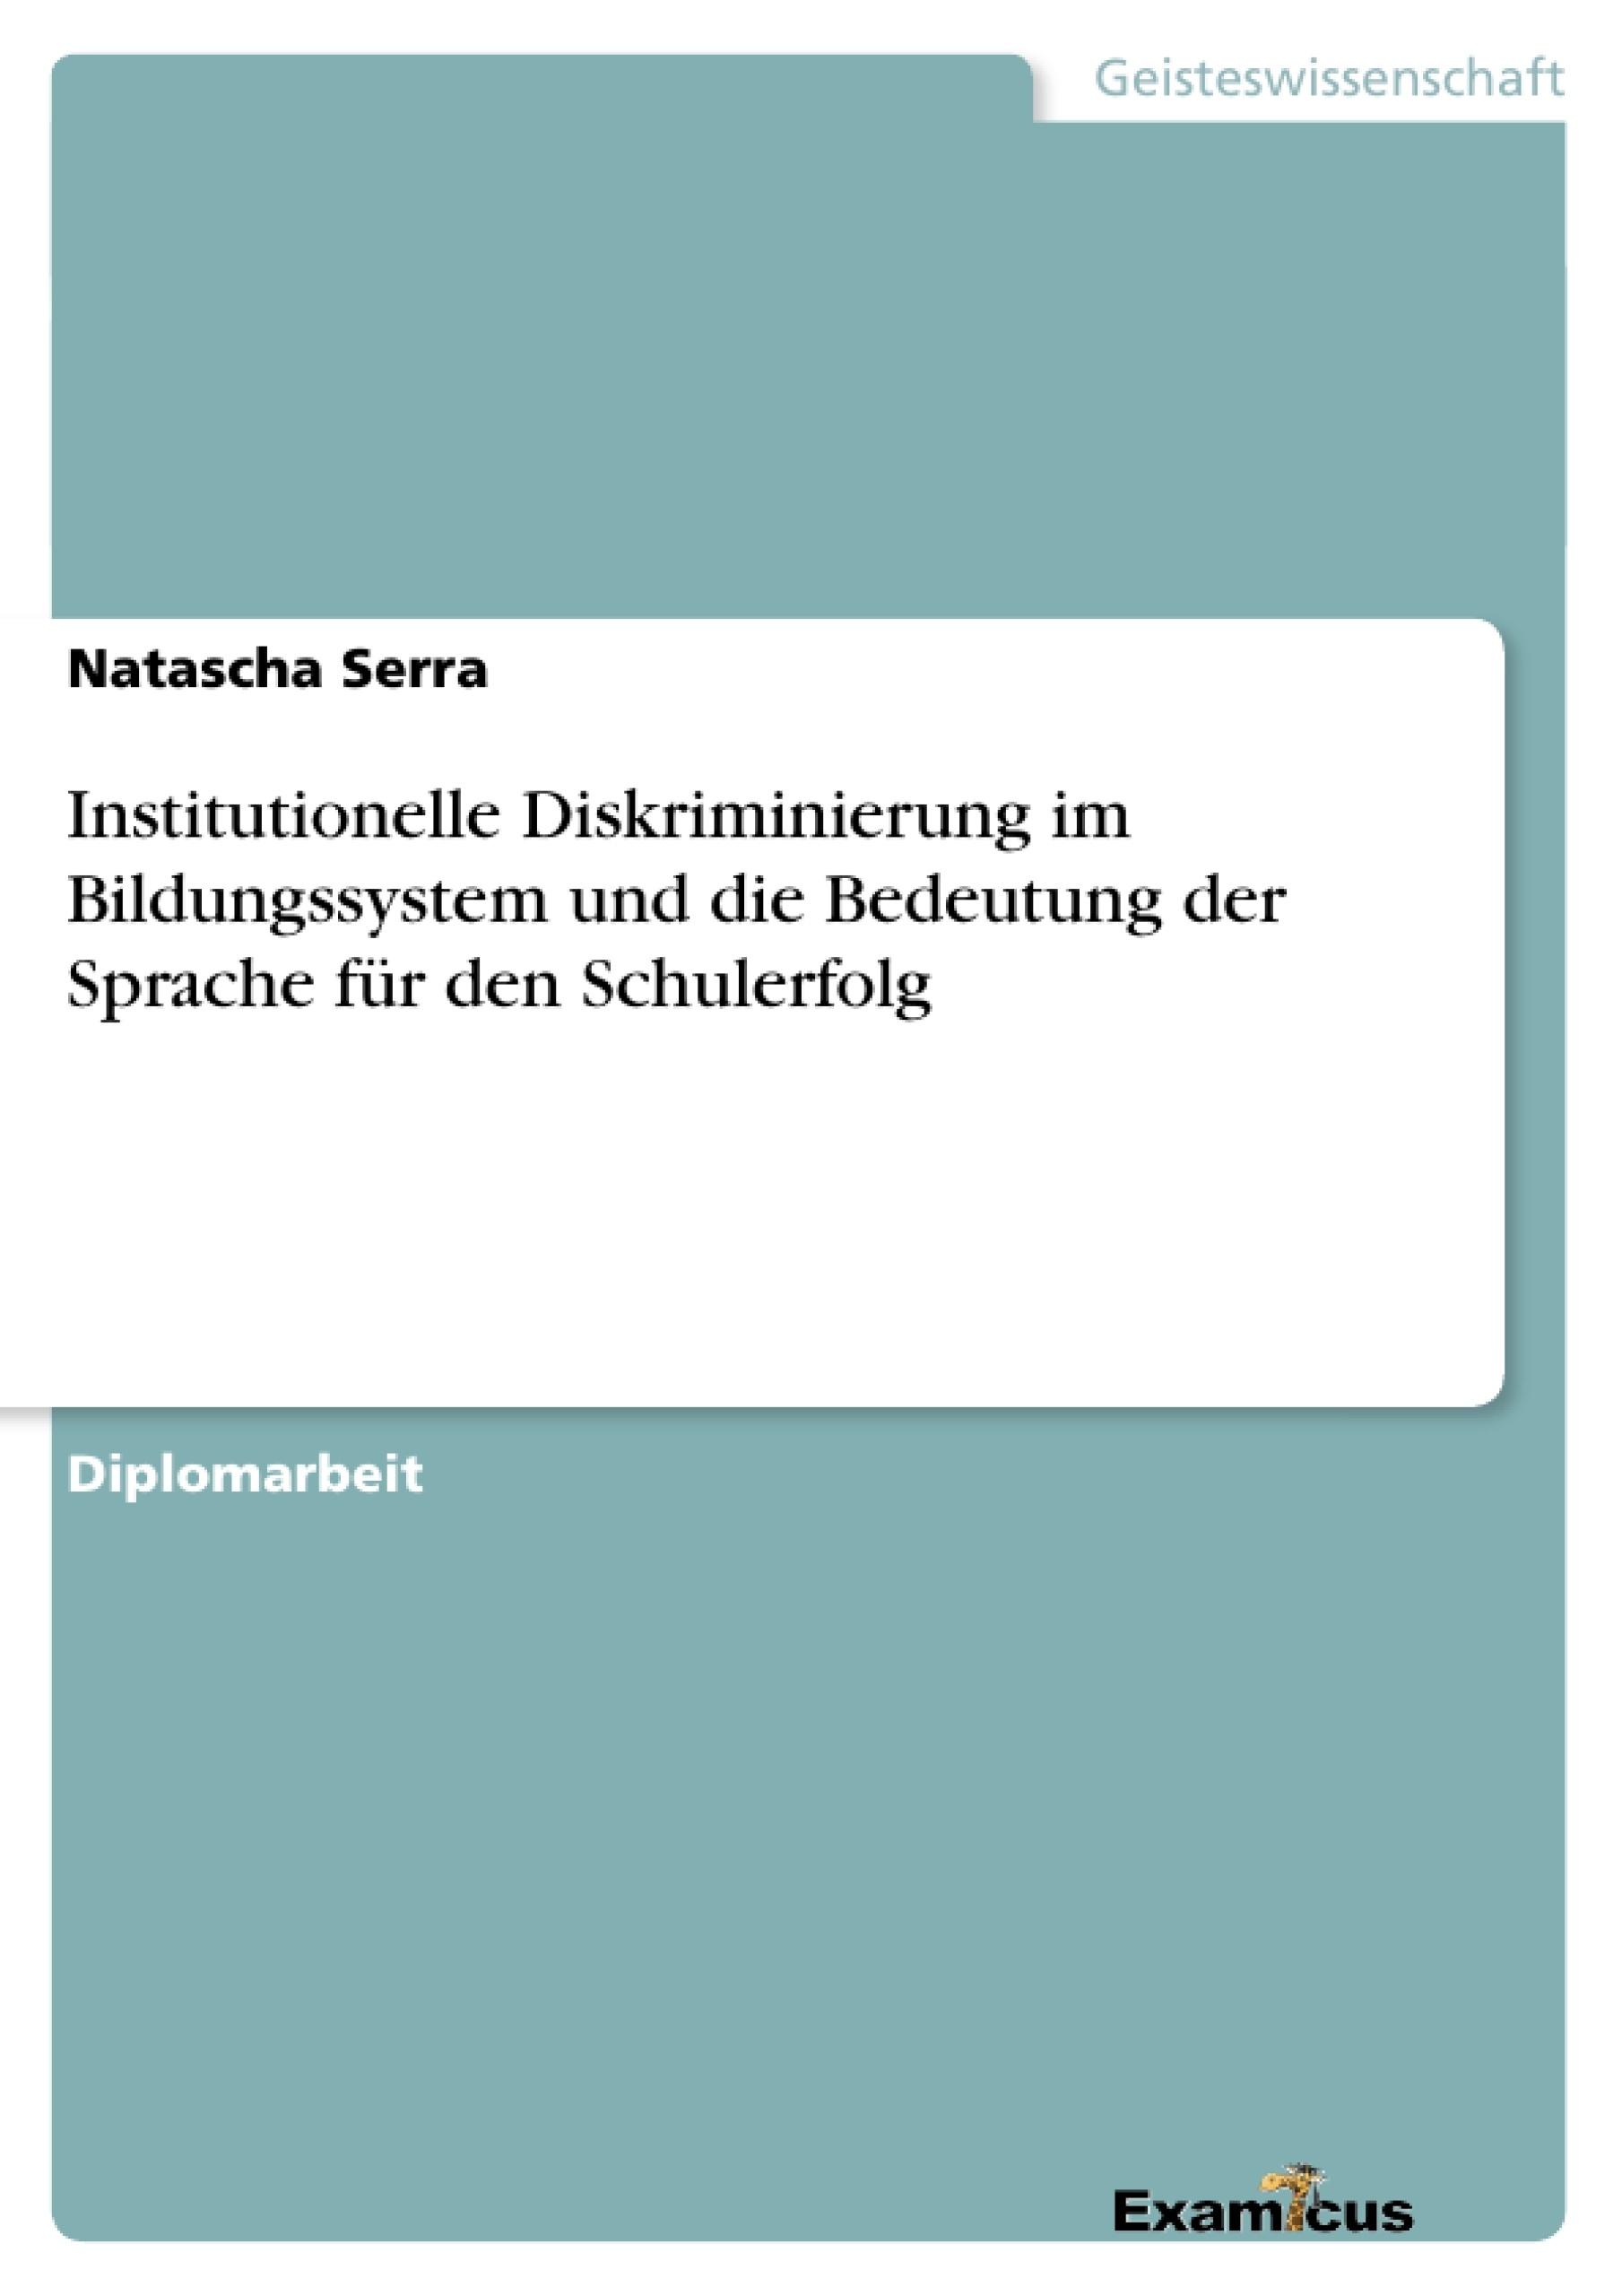 Titel: Institutionelle Diskriminierung im Bildungssystem und die Bedeutung der Sprache für den Schulerfolg